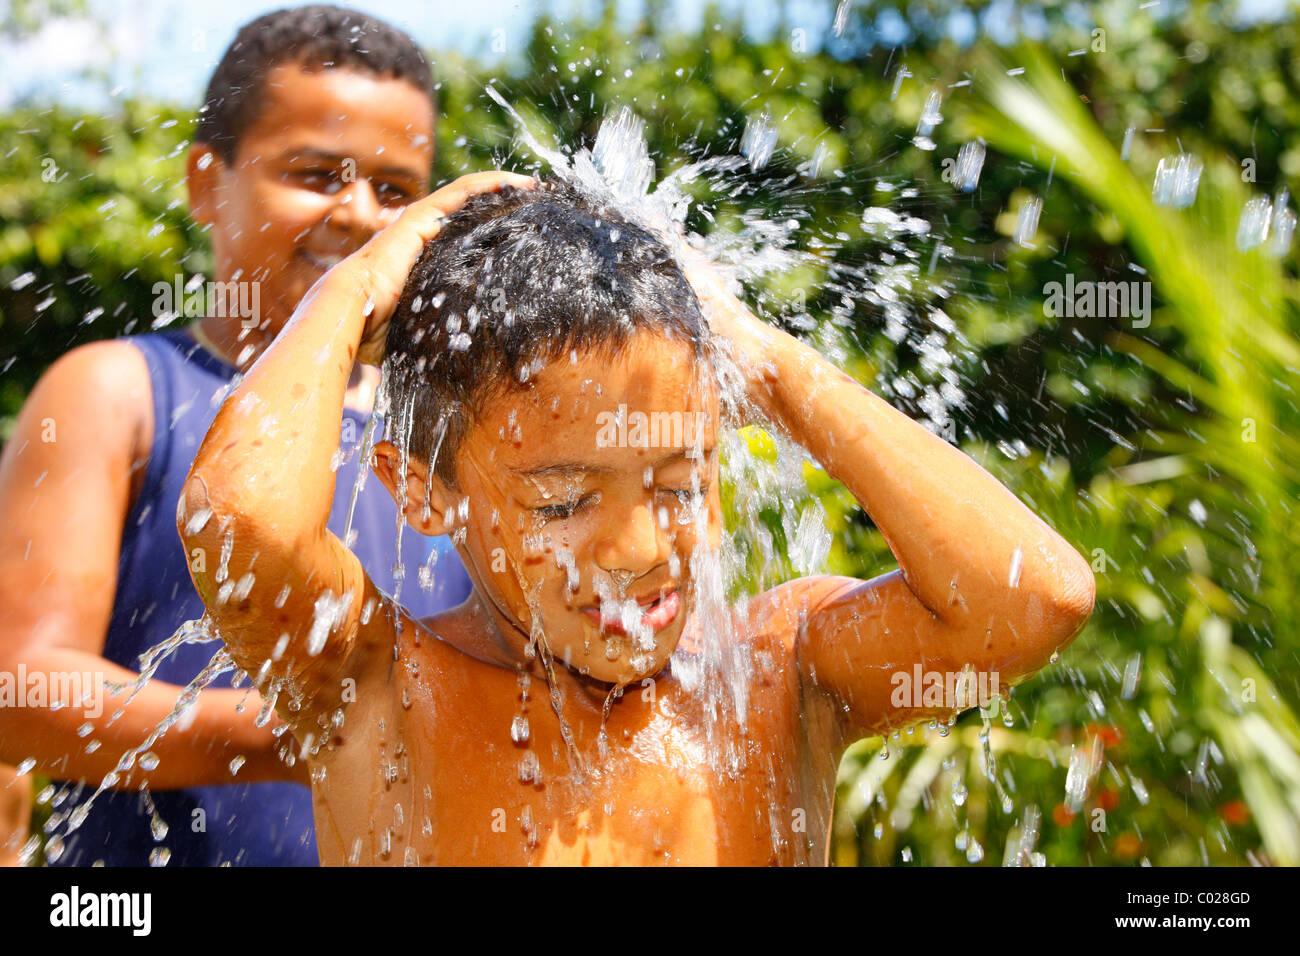 Ragazzo che viene spruzzato con un tubo flessibile di acqua, Fortaleza Ceará, Brasile, Sud America Immagini Stock